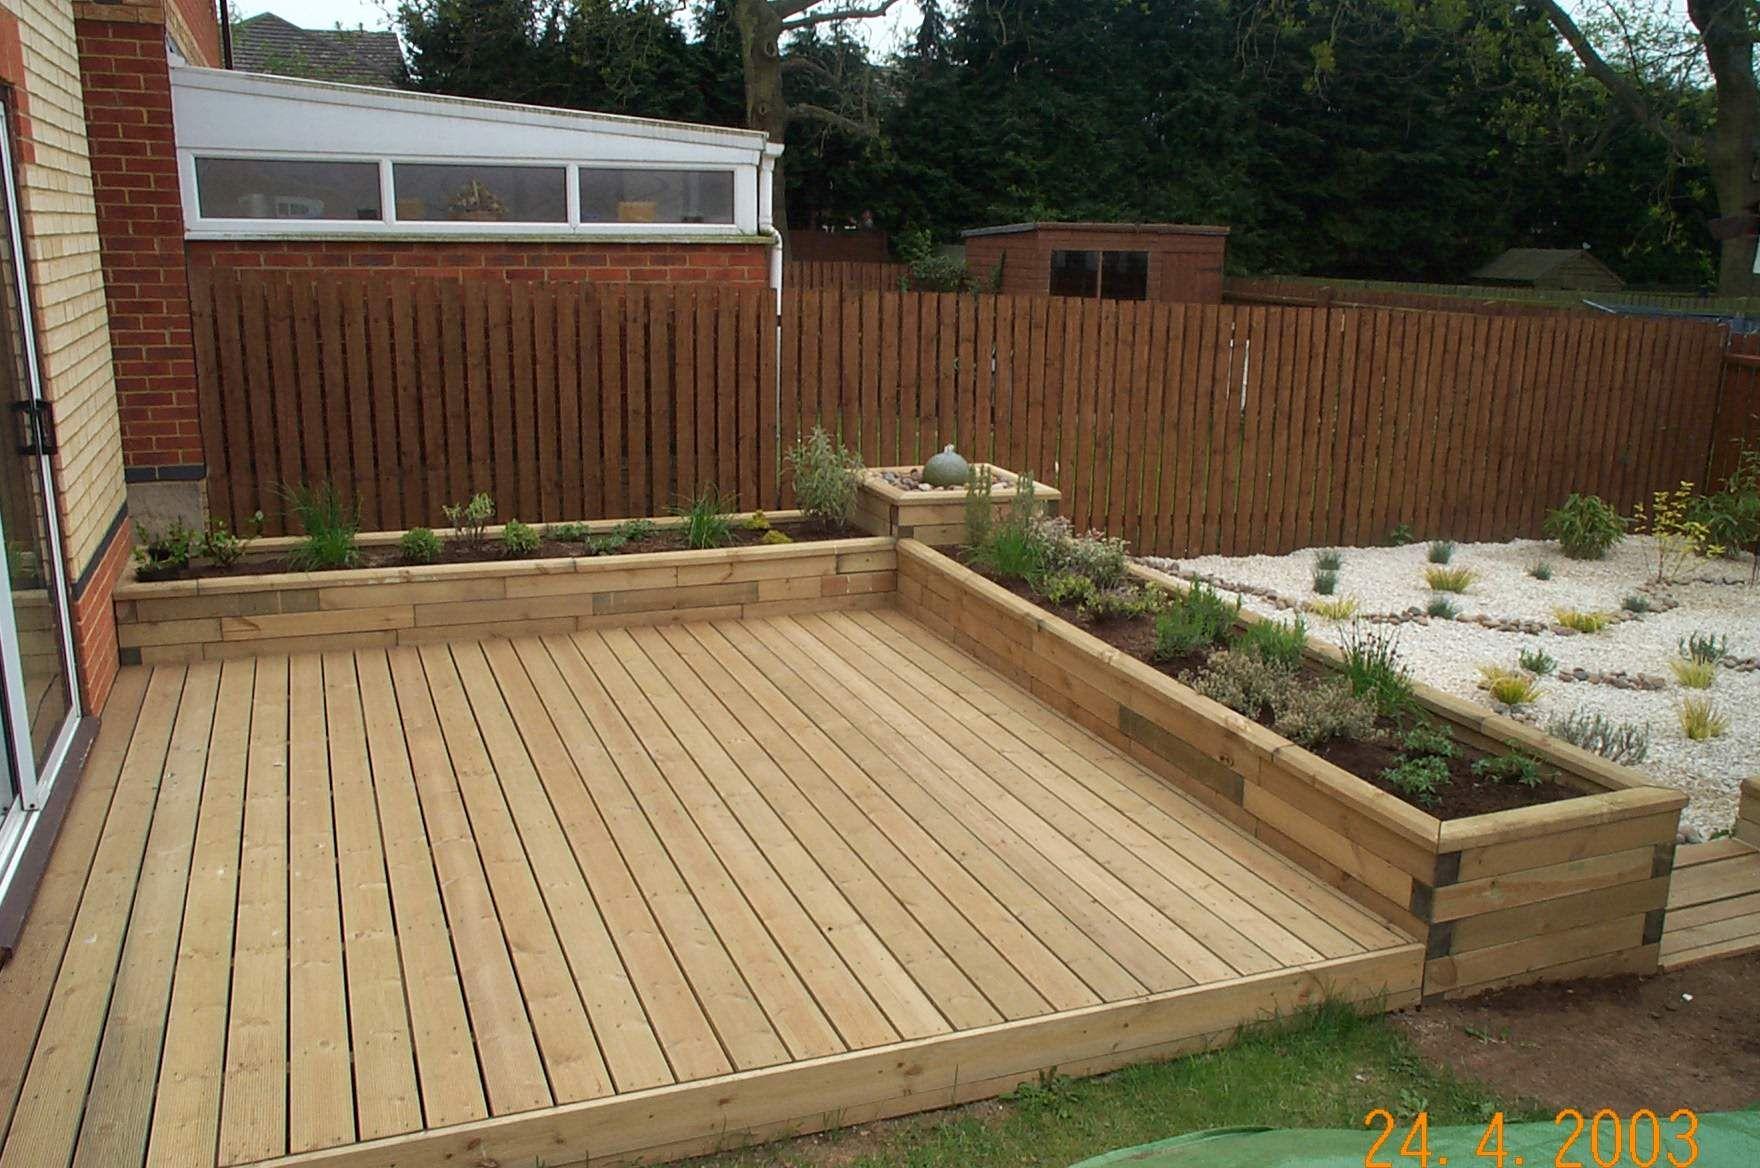 Small & Large Deck Ideas Make Backyard